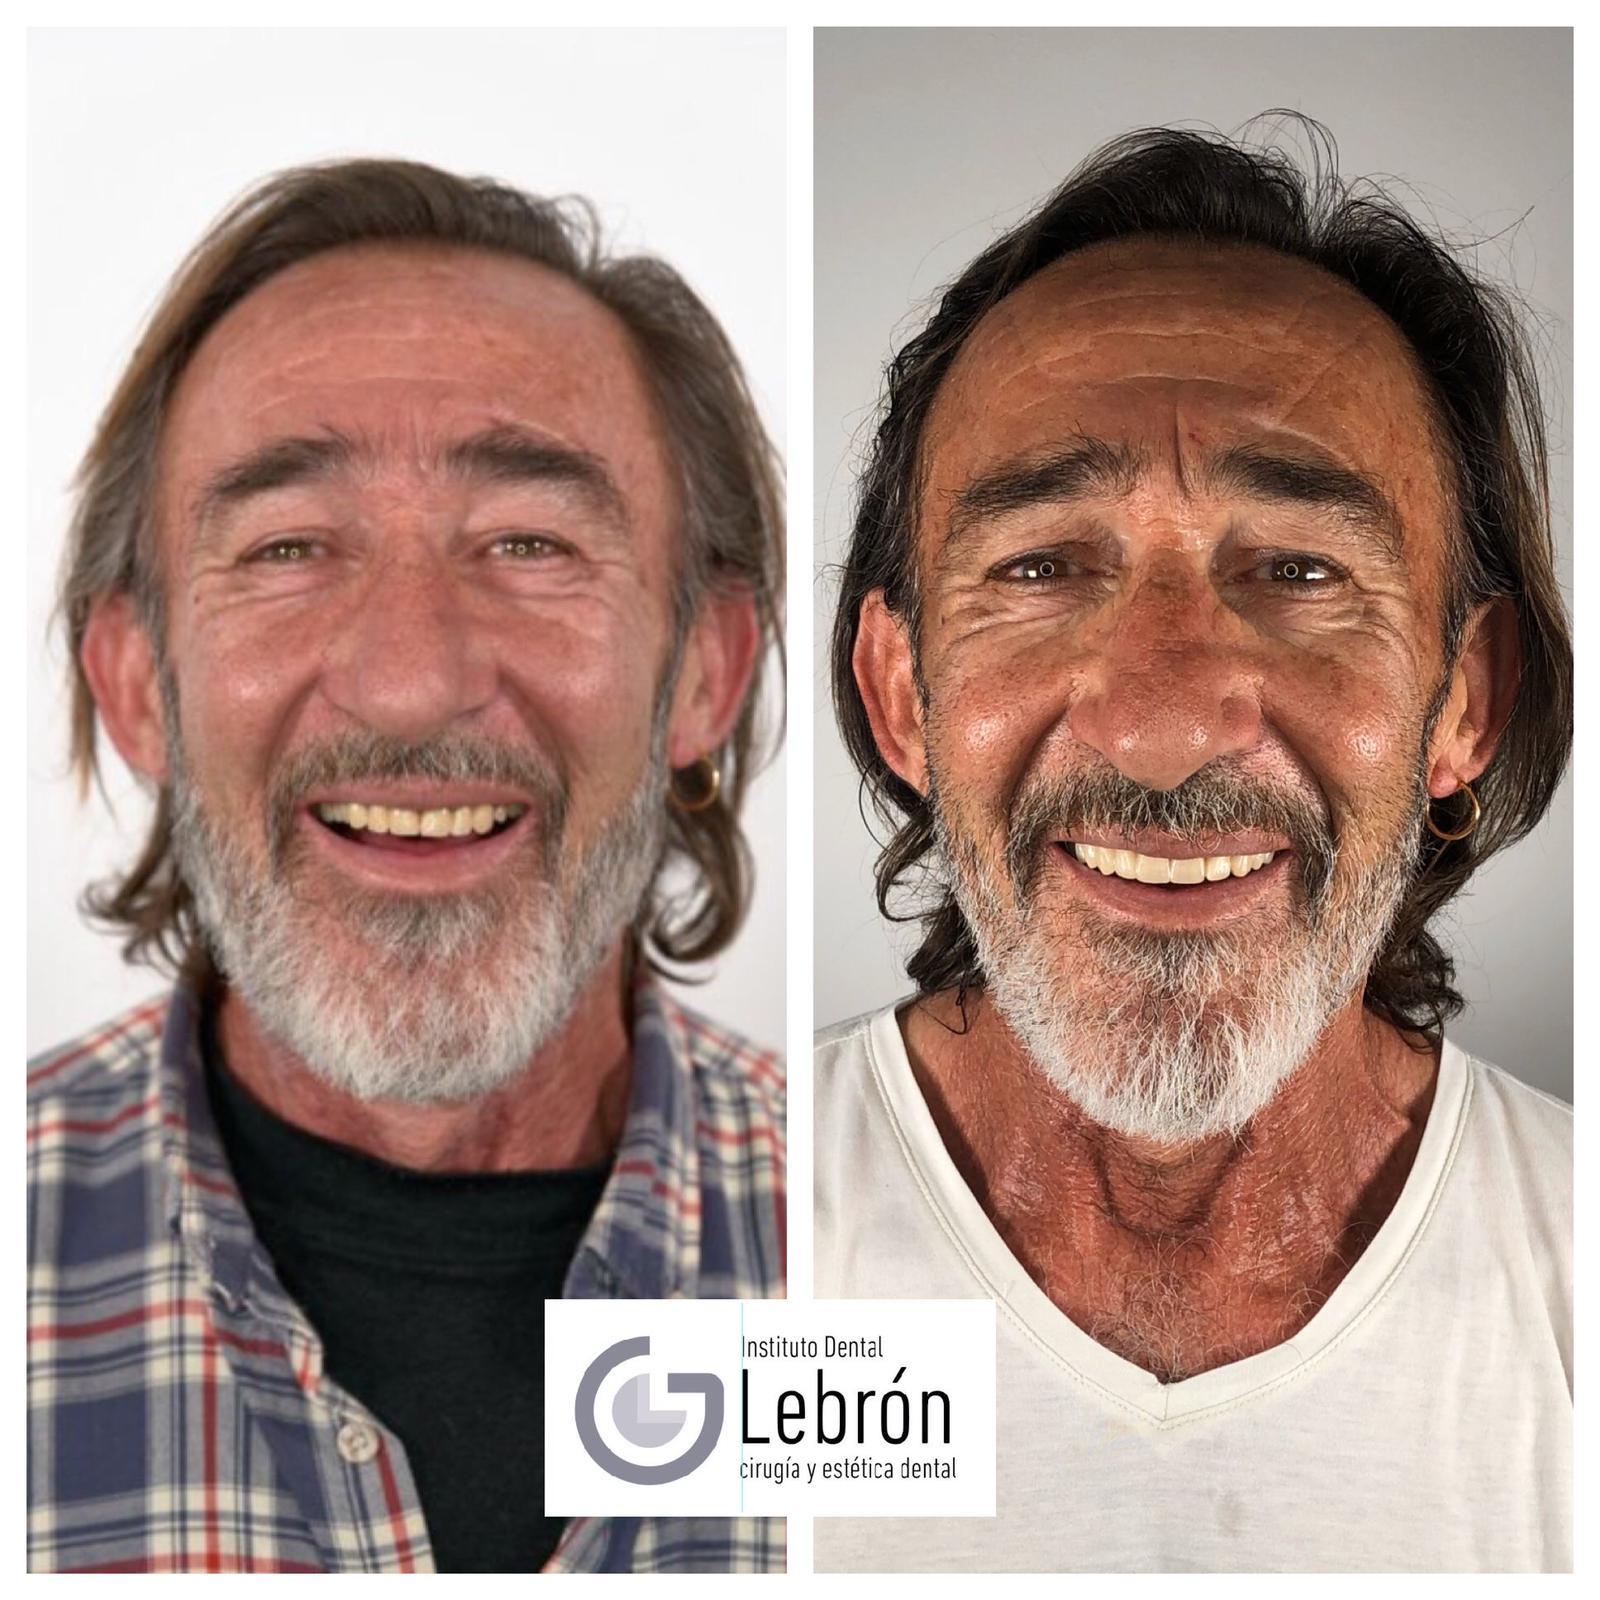 cirugía guiada para implantes dentales, caso real de implantes con cirugía planificada, Cirugía guiada antes y después